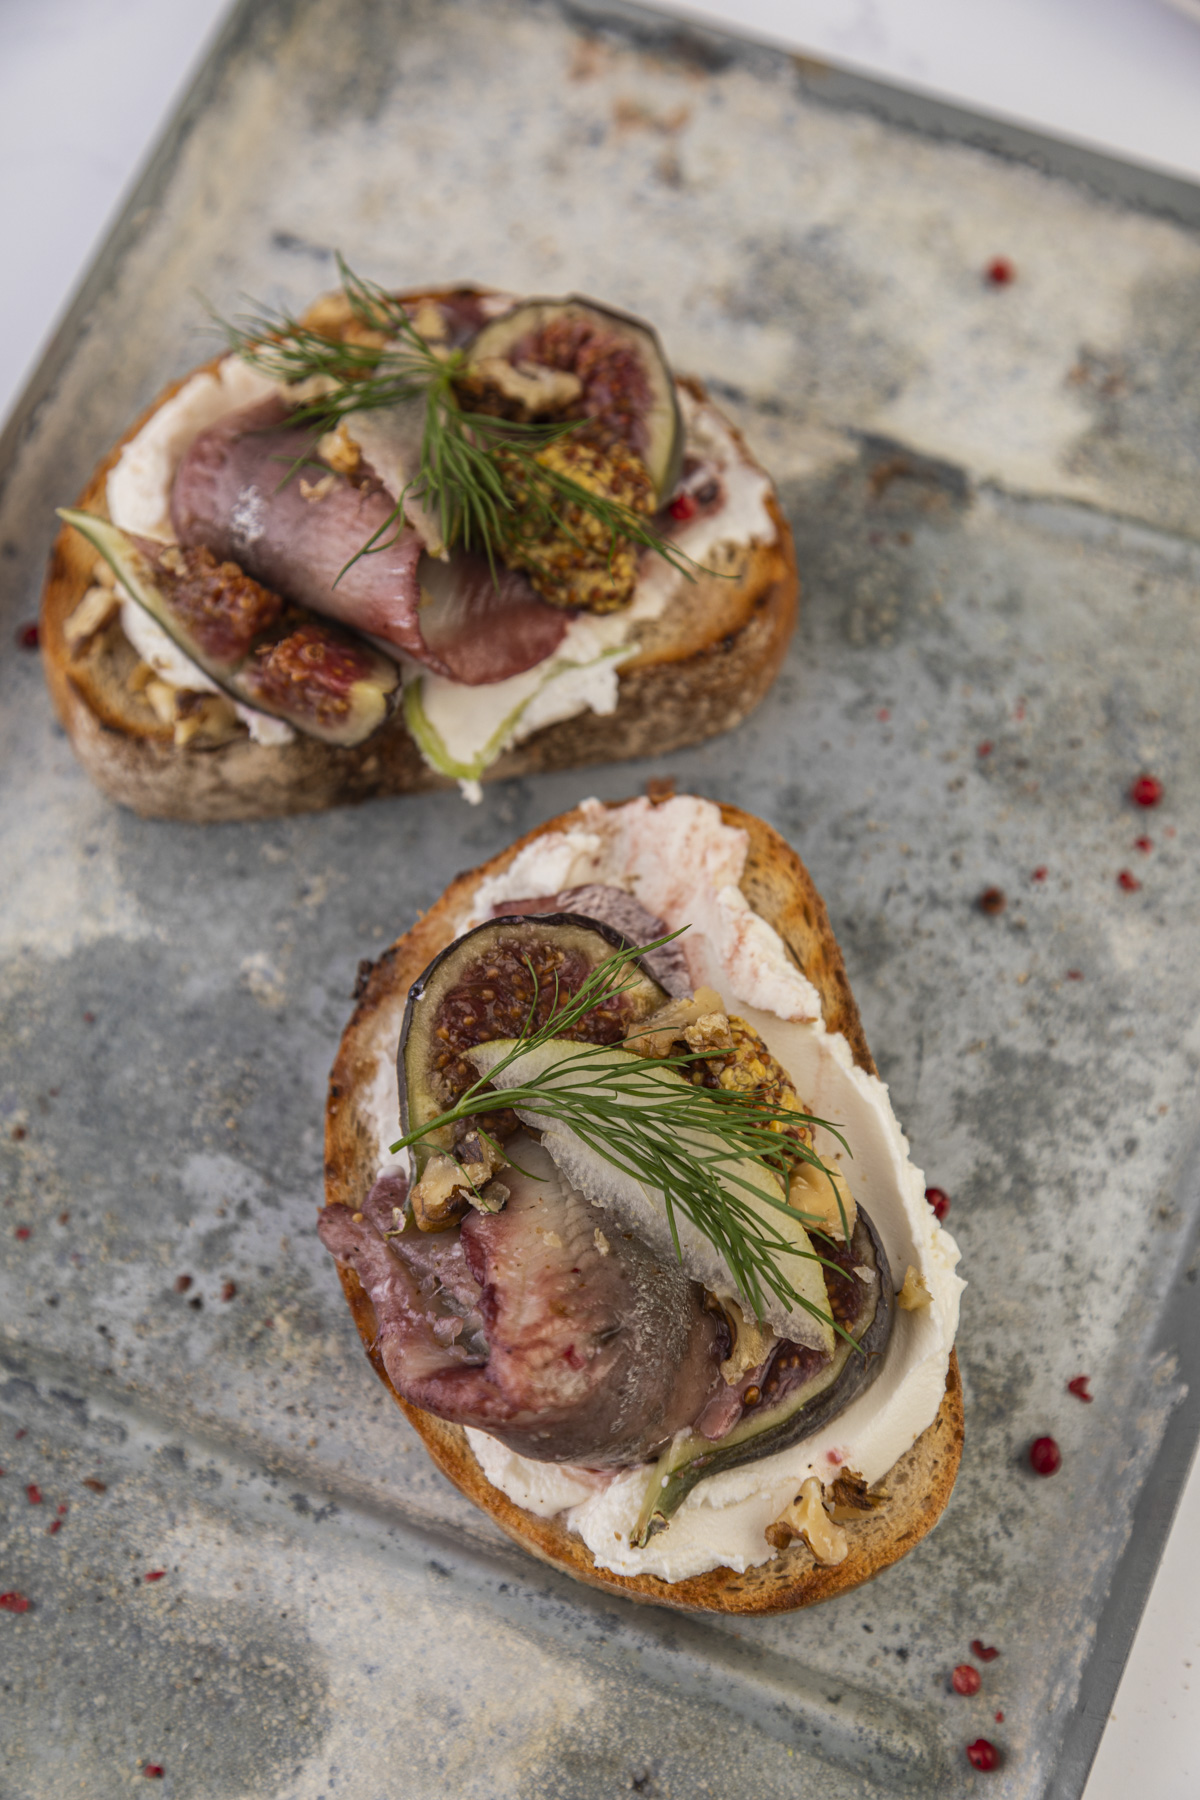 Grillowane pieczywo ze śledziem korzennym, kozim serem, figami